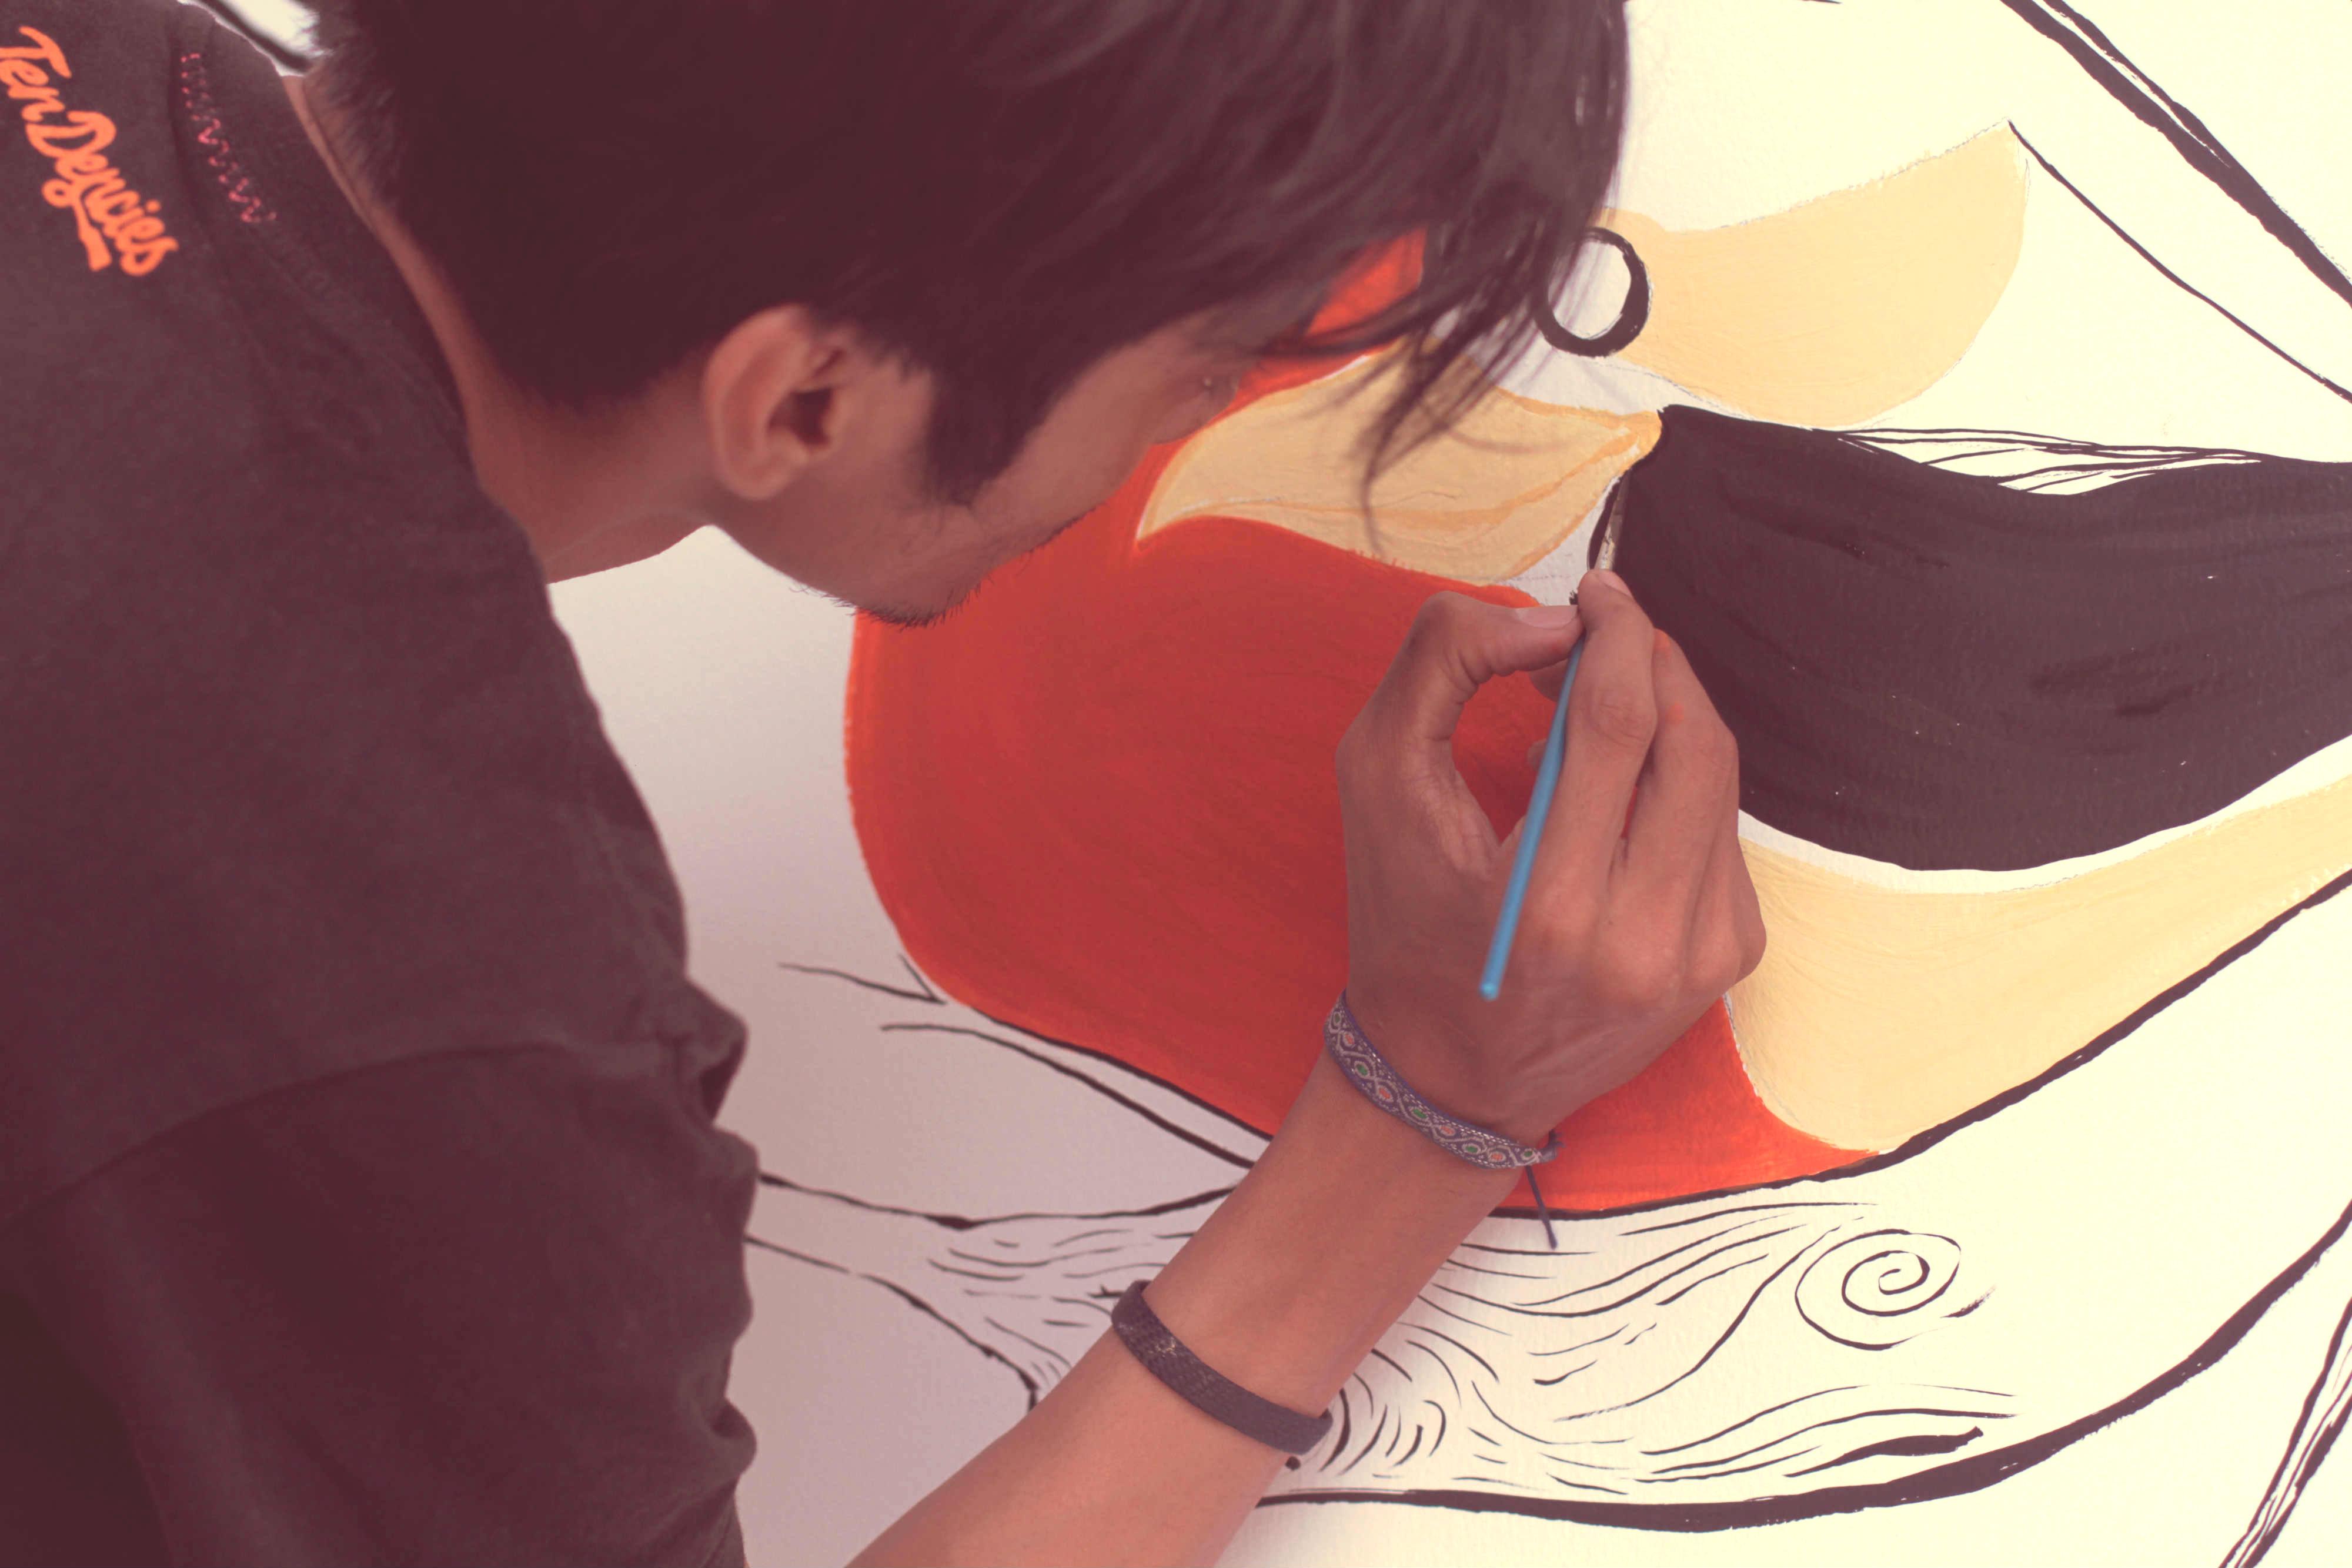 LL aidea mural 2